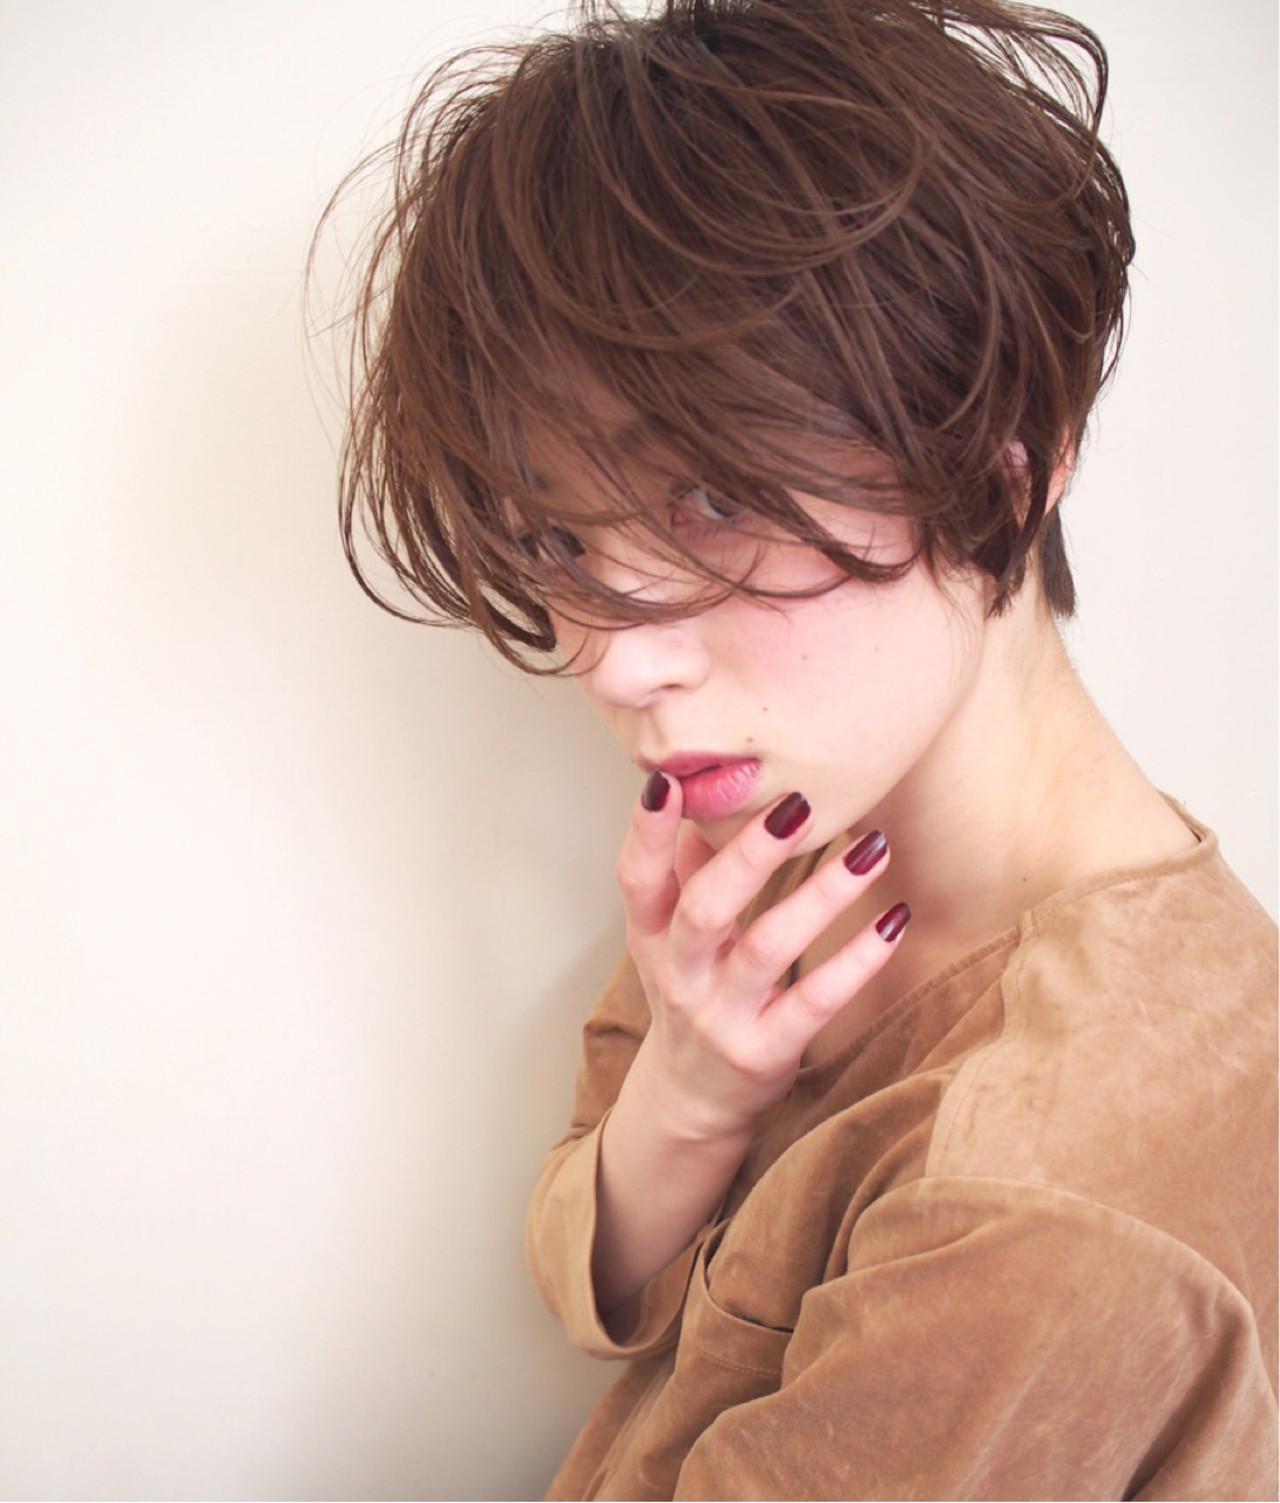 アッシュグレージュ アッシュベージュ ショート キュート ヘアスタイルや髪型の写真・画像